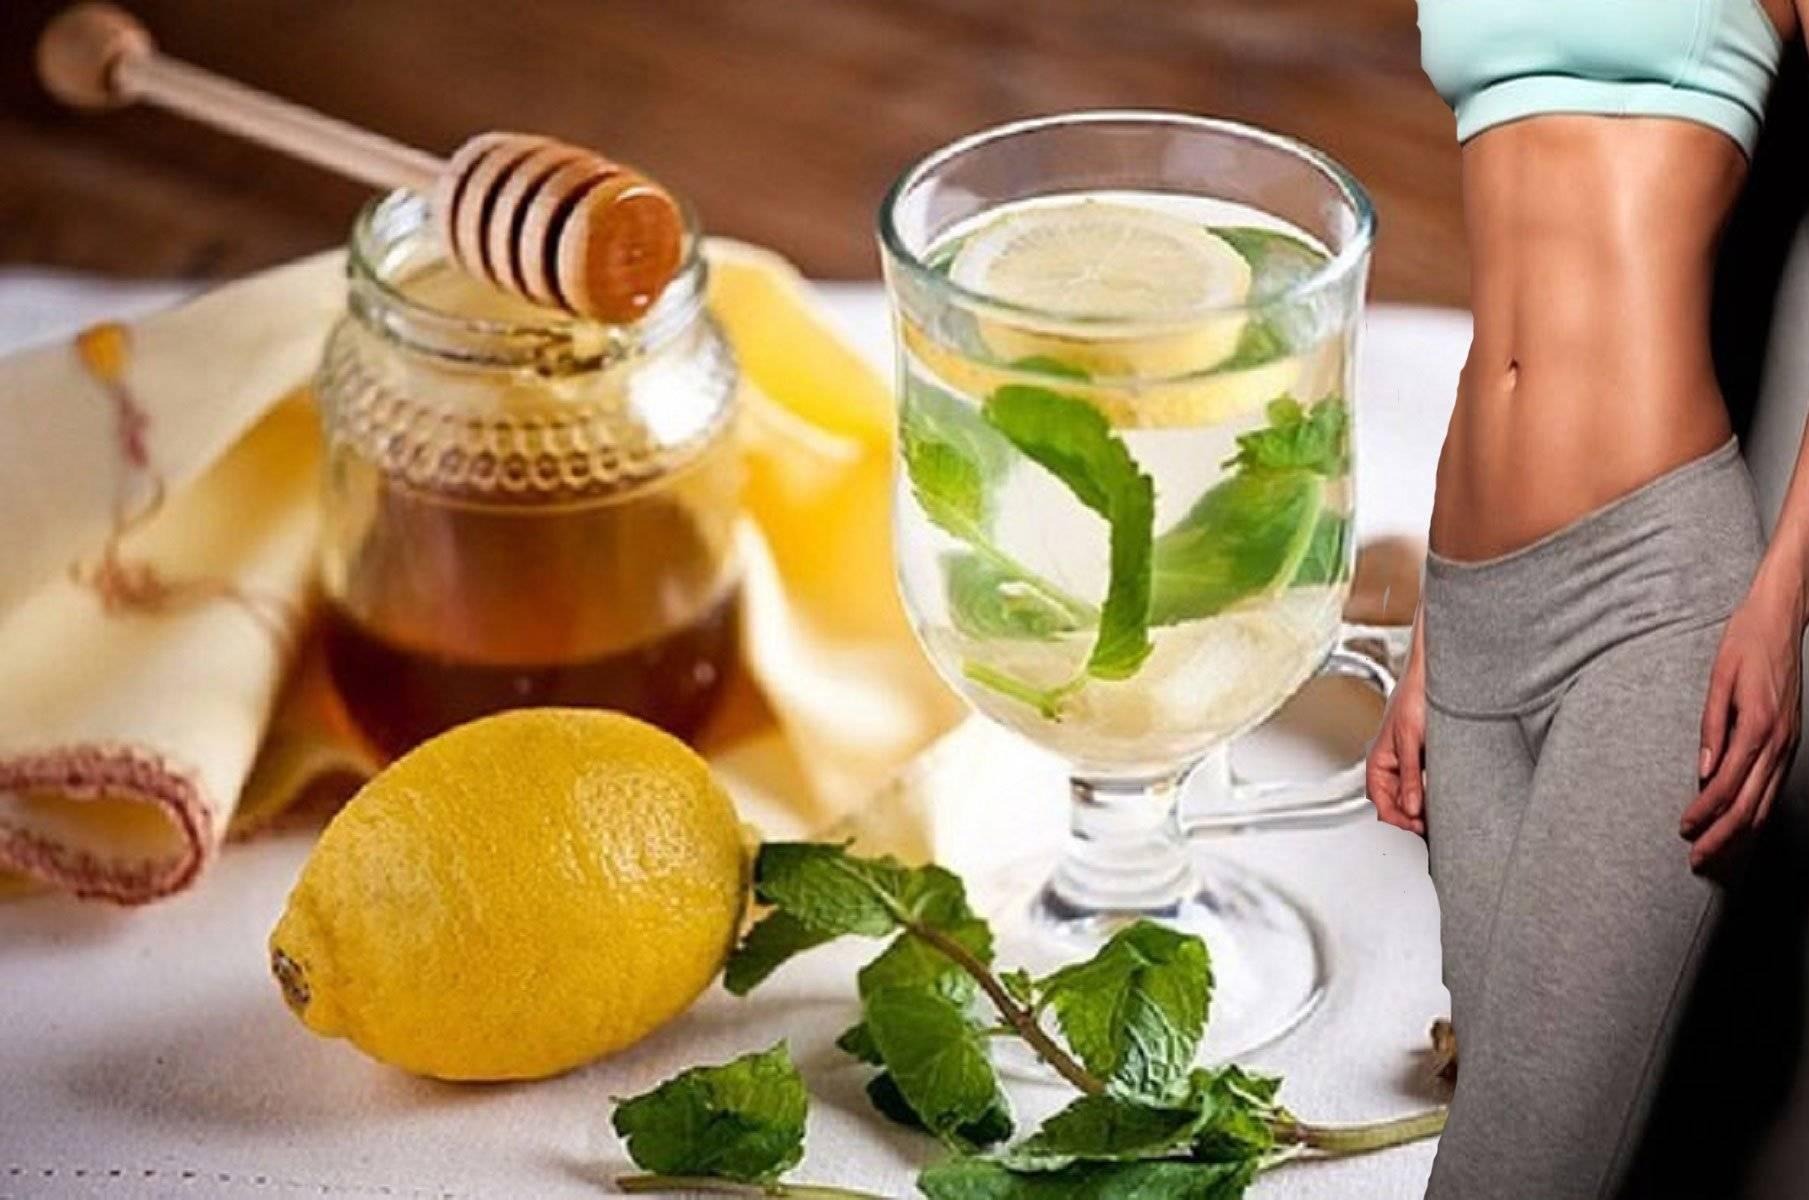 Иван-чай при беременности: полезные свойства и противопоказания